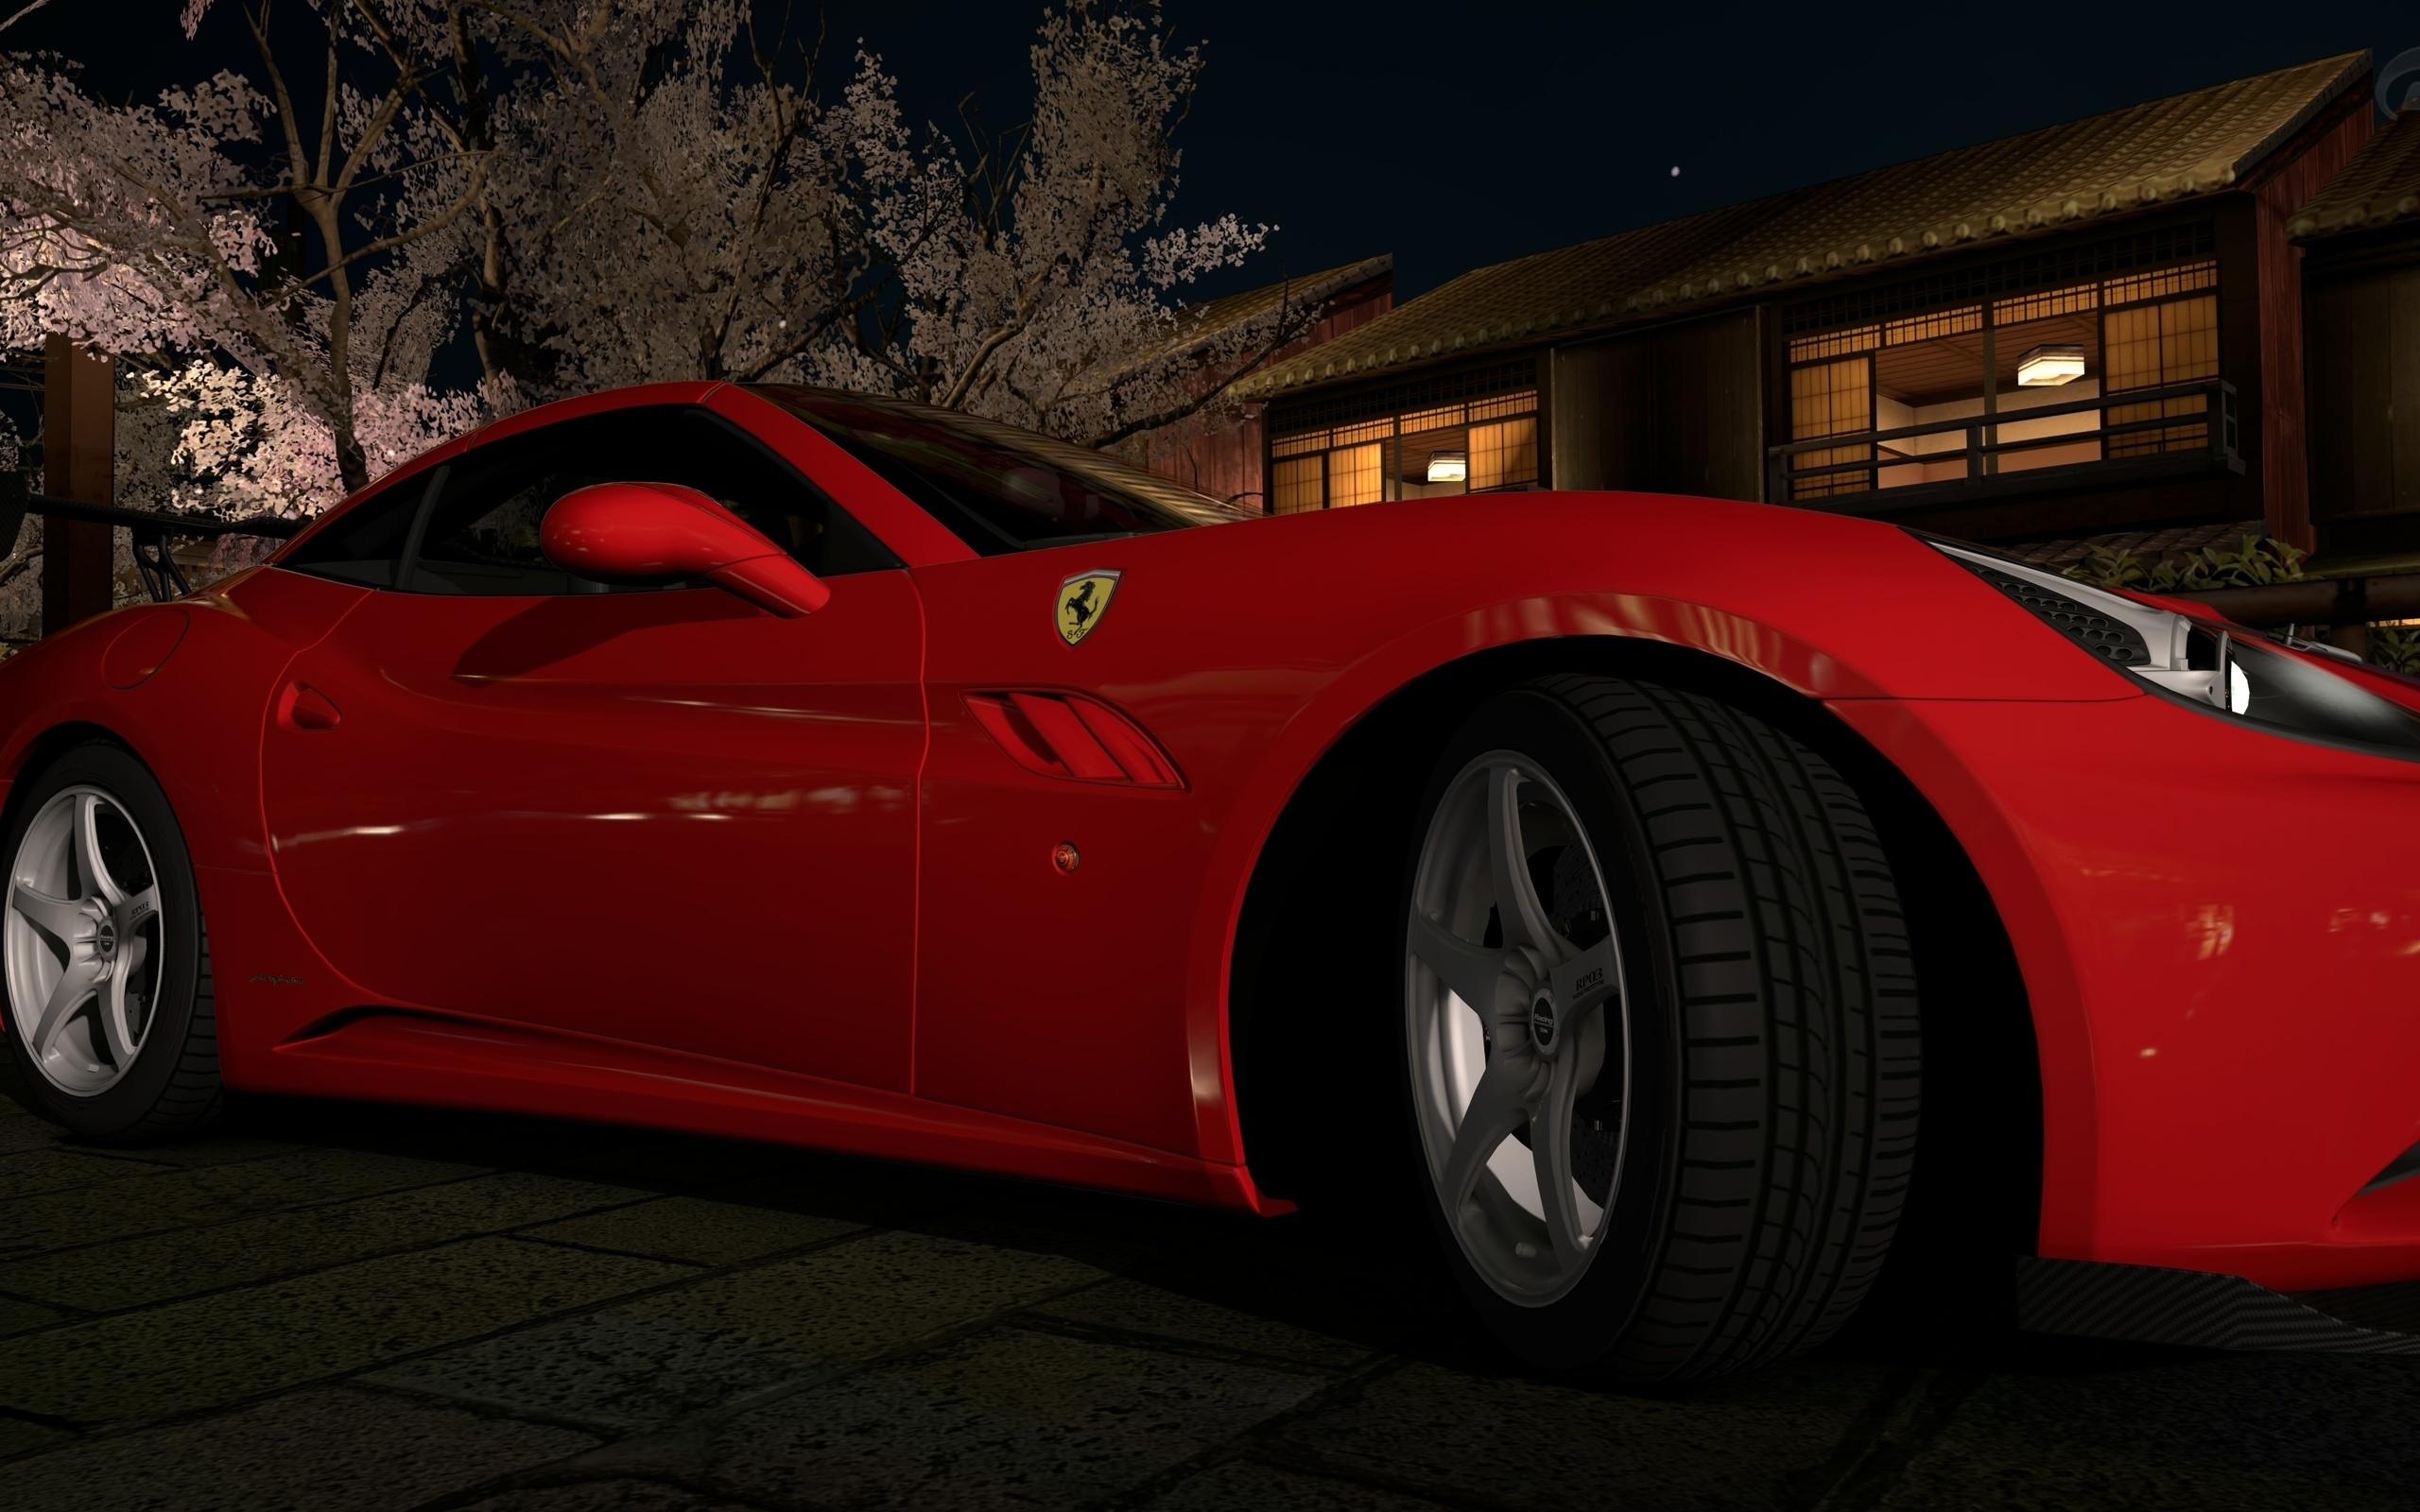 46618 скачать обои Транспорт, Машины, Феррари (Ferrari) - заставки и картинки бесплатно